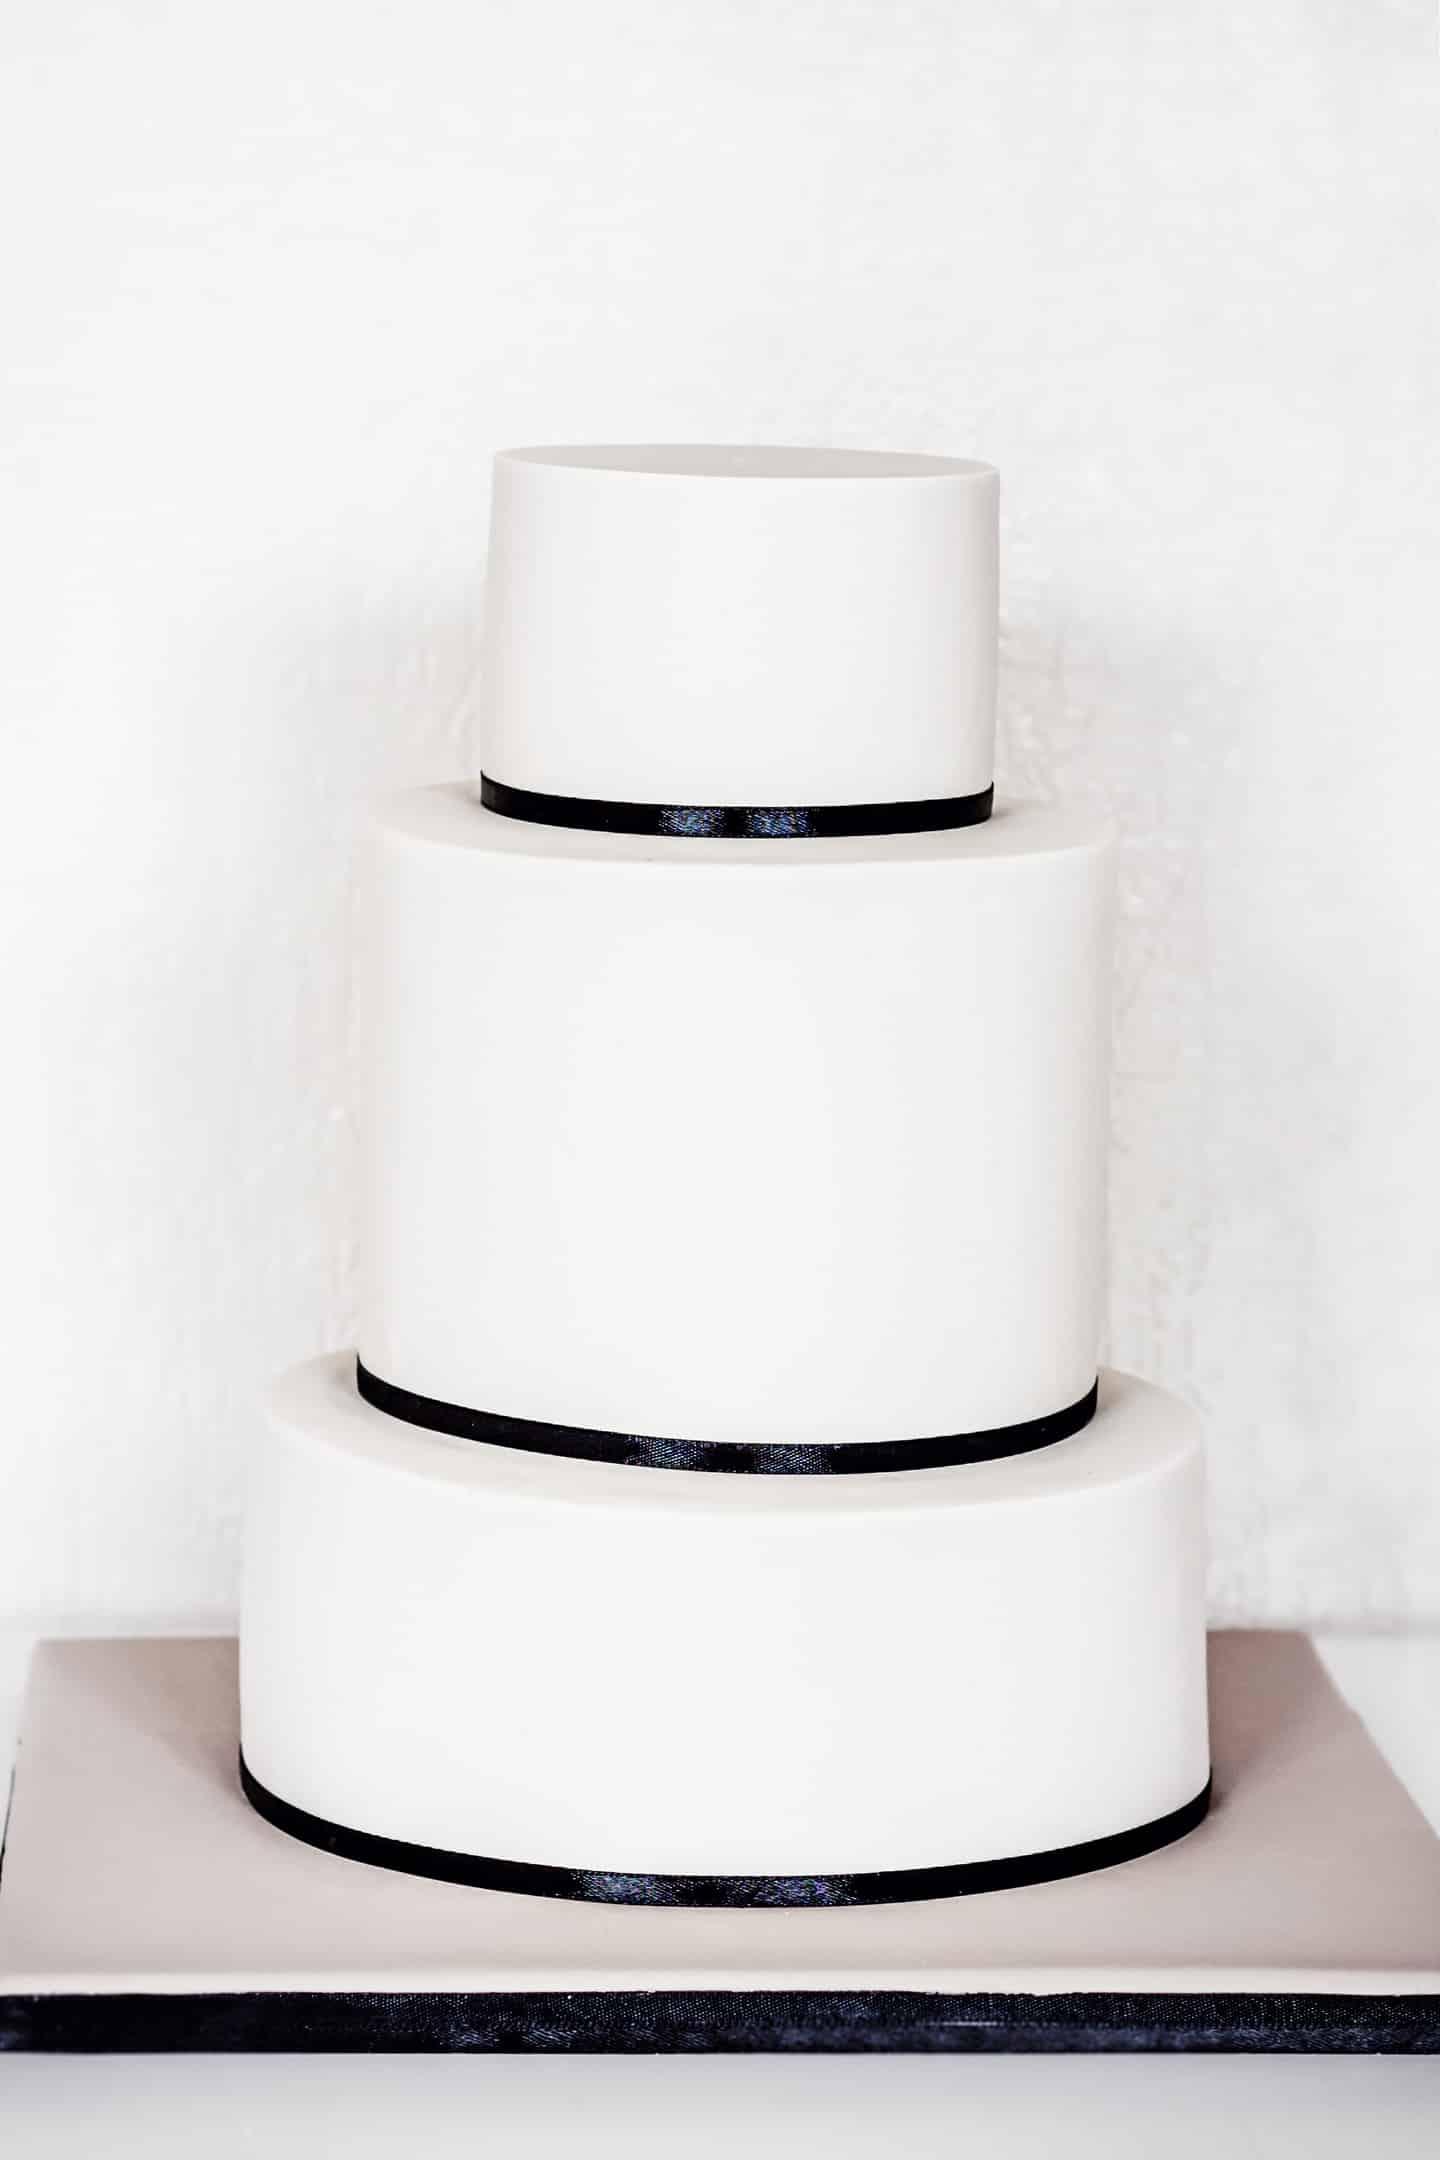 Ganache de couverture pour gâteau en pâte à sucre